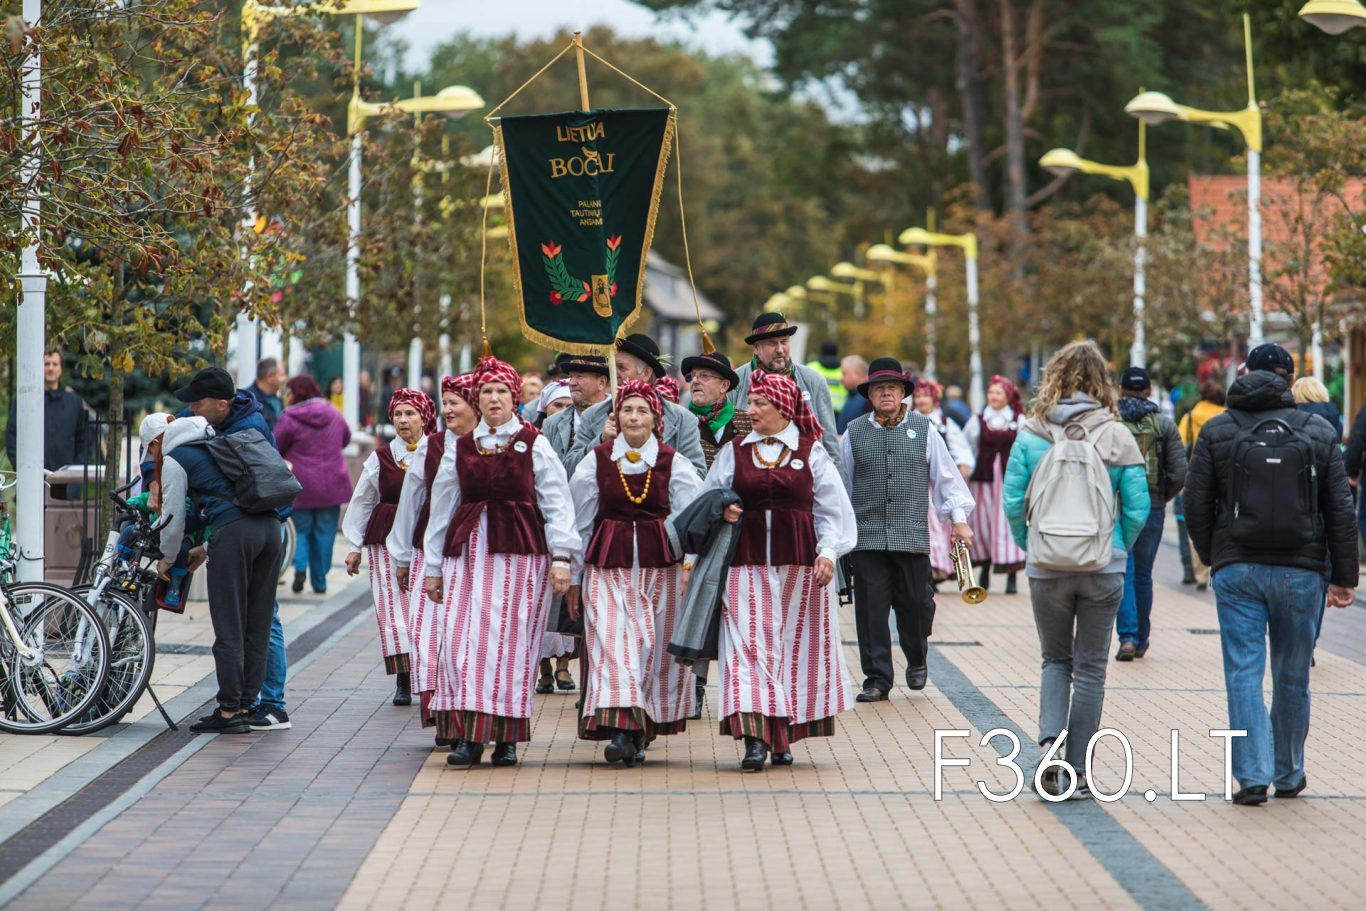 Re807 Tarptautinis Liaudies Sokiu Festivalis 'palangos Miestely' Renginio Fotografai F360.lt 3t4a5343